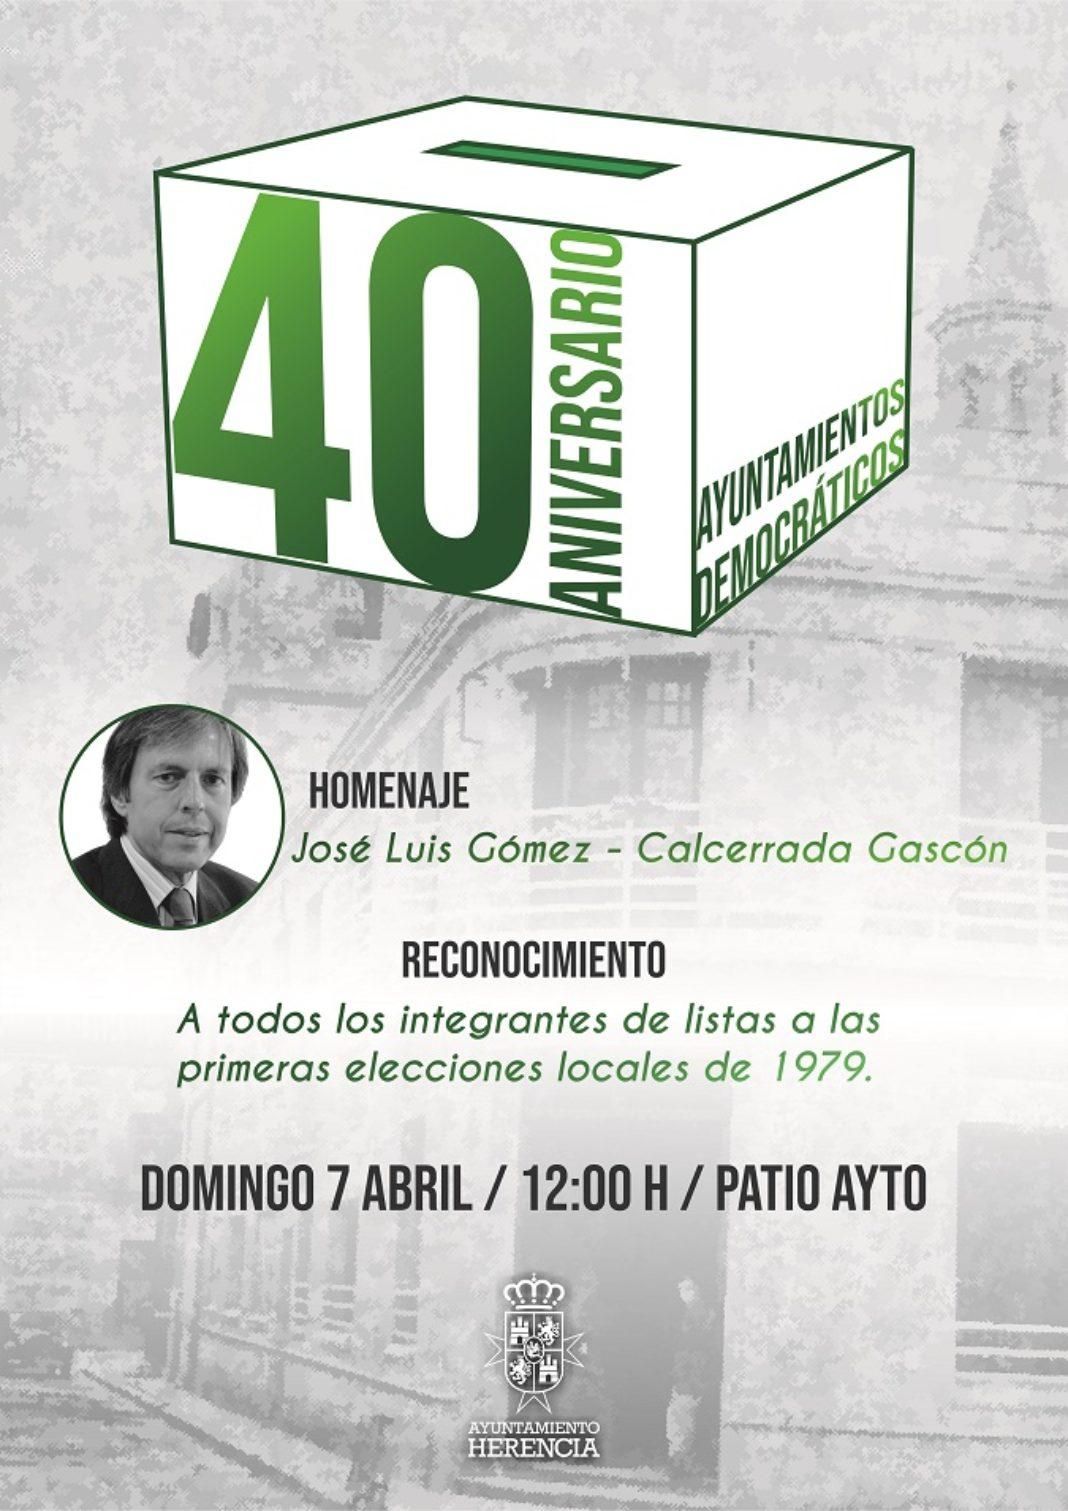 Herencia conmemora la celebración de las primeras elecciones democráticas con un homenaje a José Luis Gómez-Calcerrada Gascón y un reconocimiento a las primeras candidaturas municipales 2